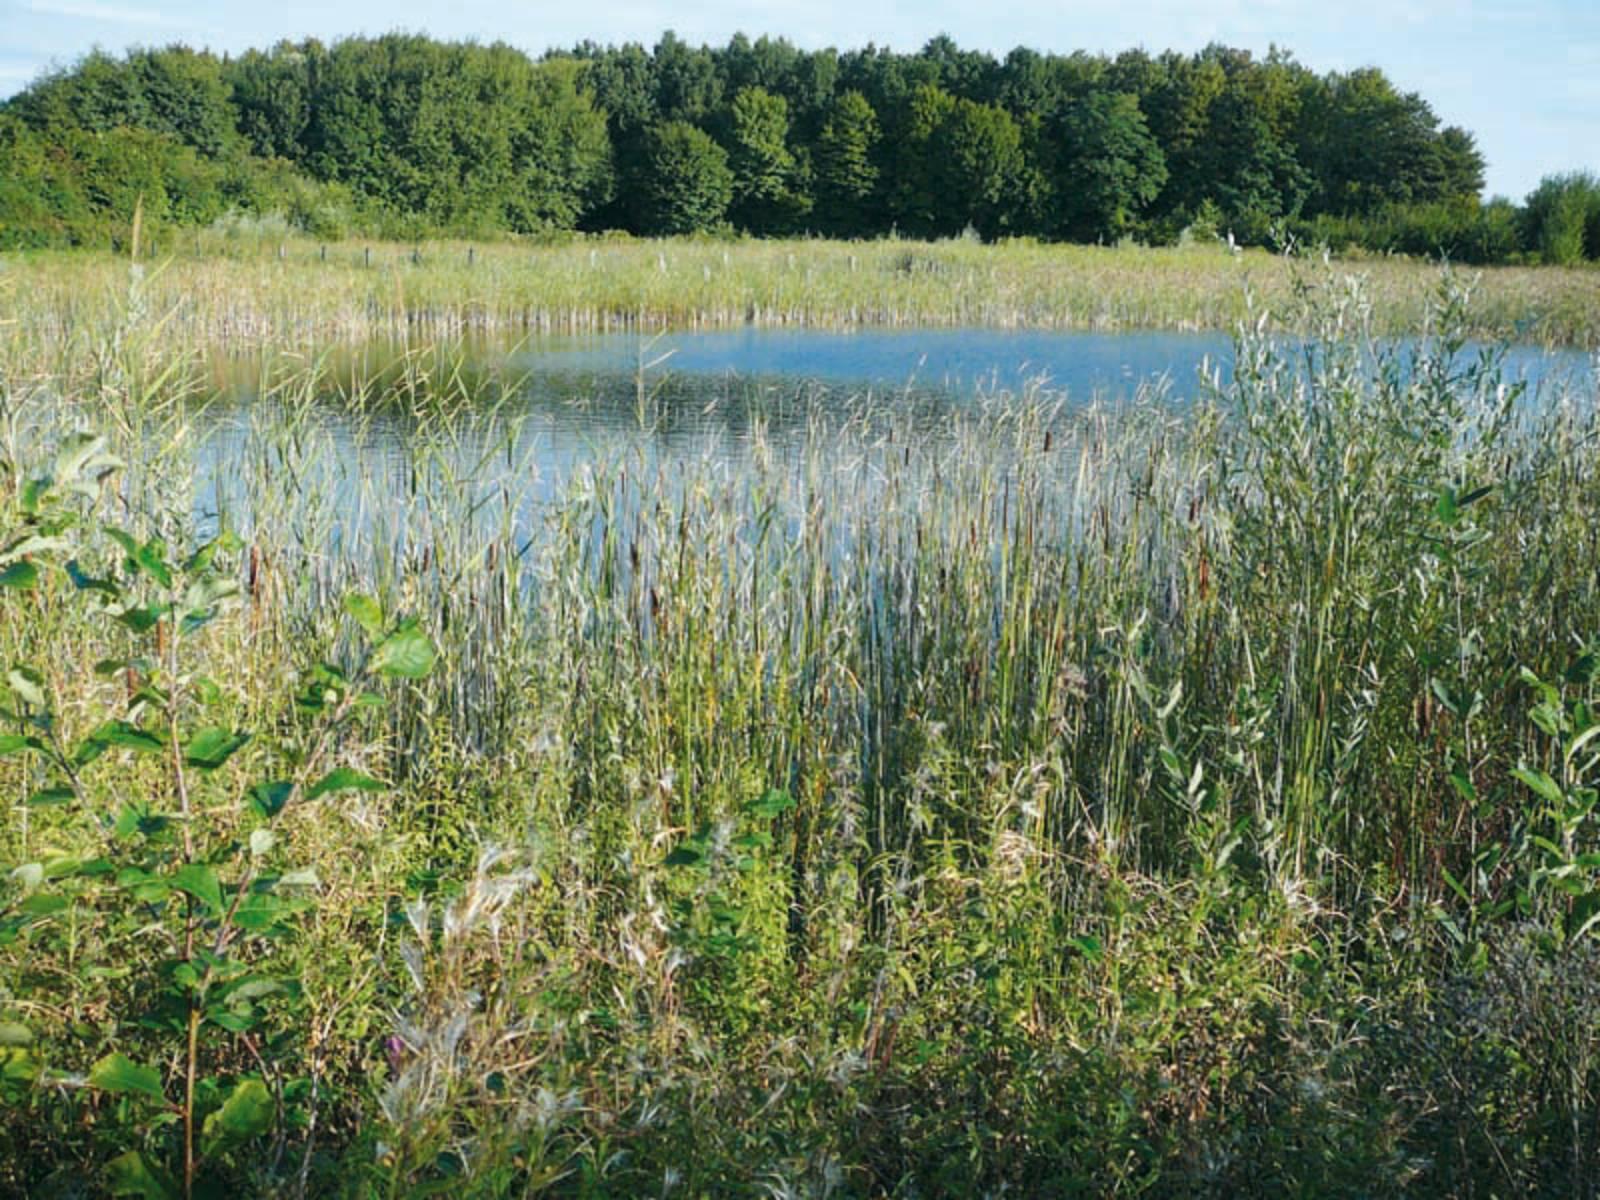 Gräser an einem Teich mit Wald im Hintergrund